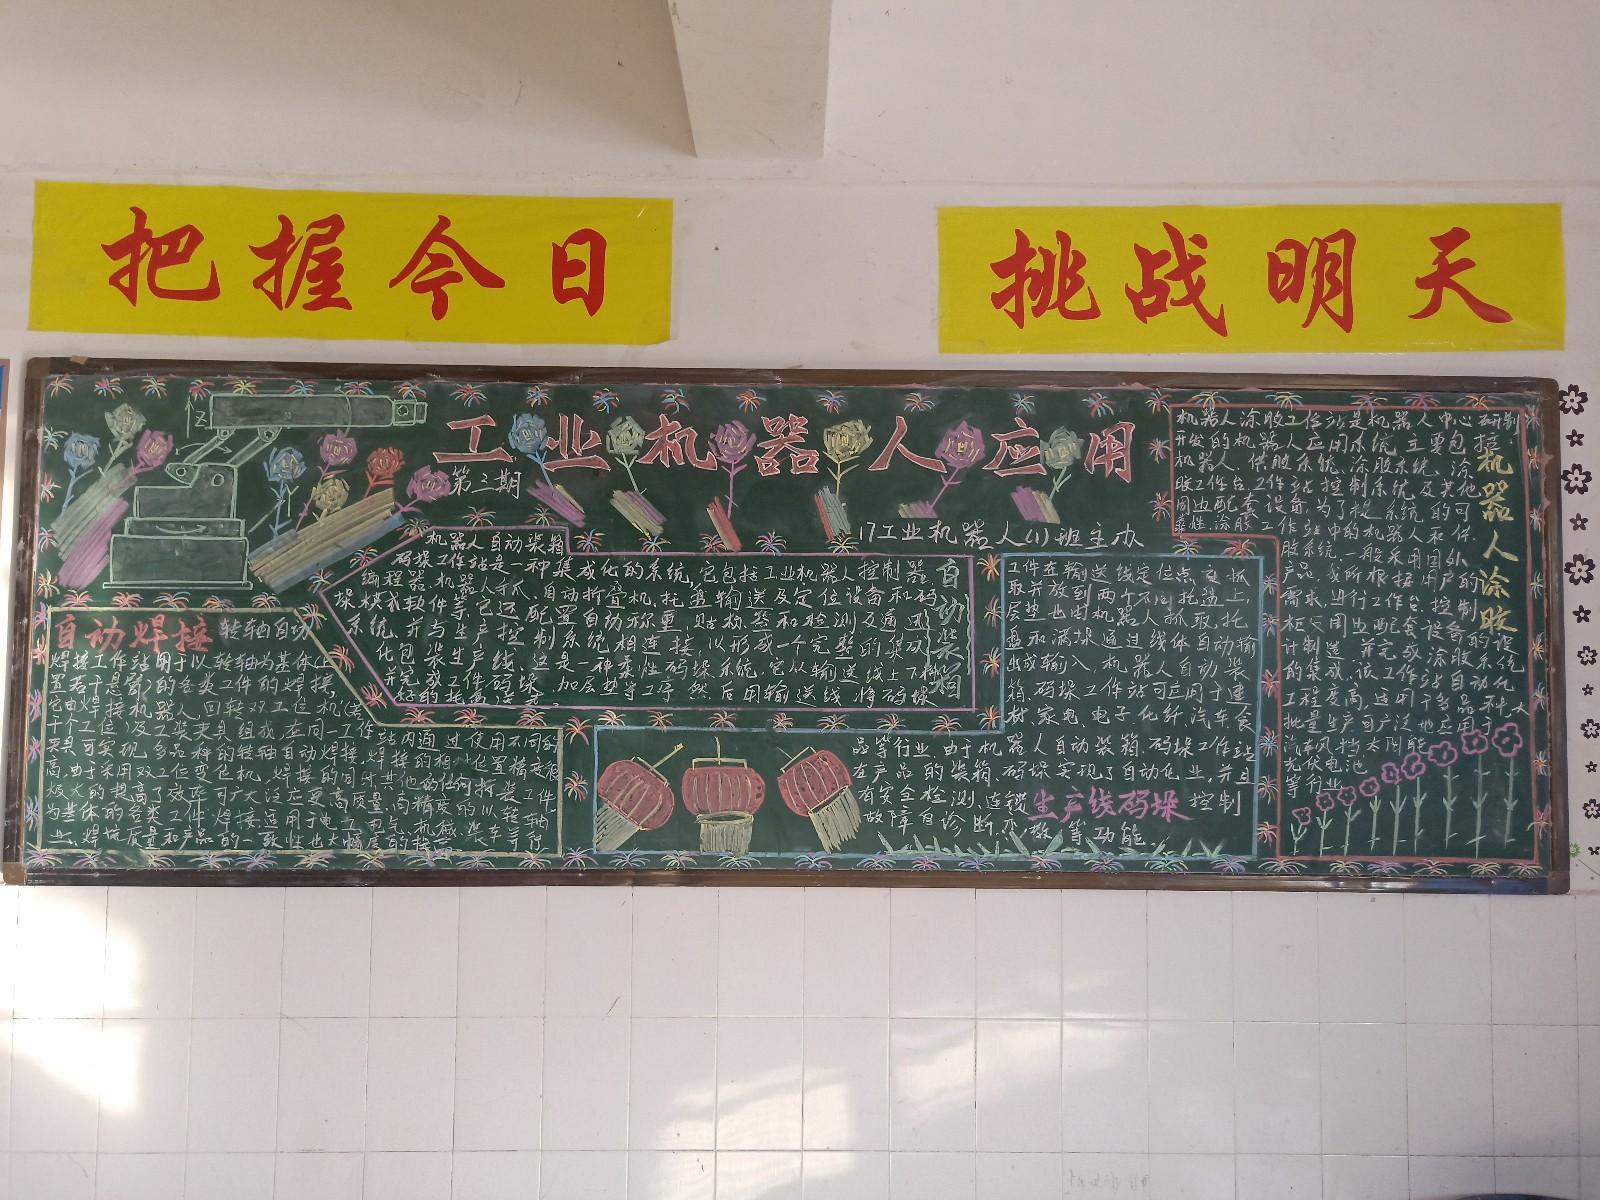 19016四川省会理现代职业技术学校——2019年天发文化杯(黑板报部门)